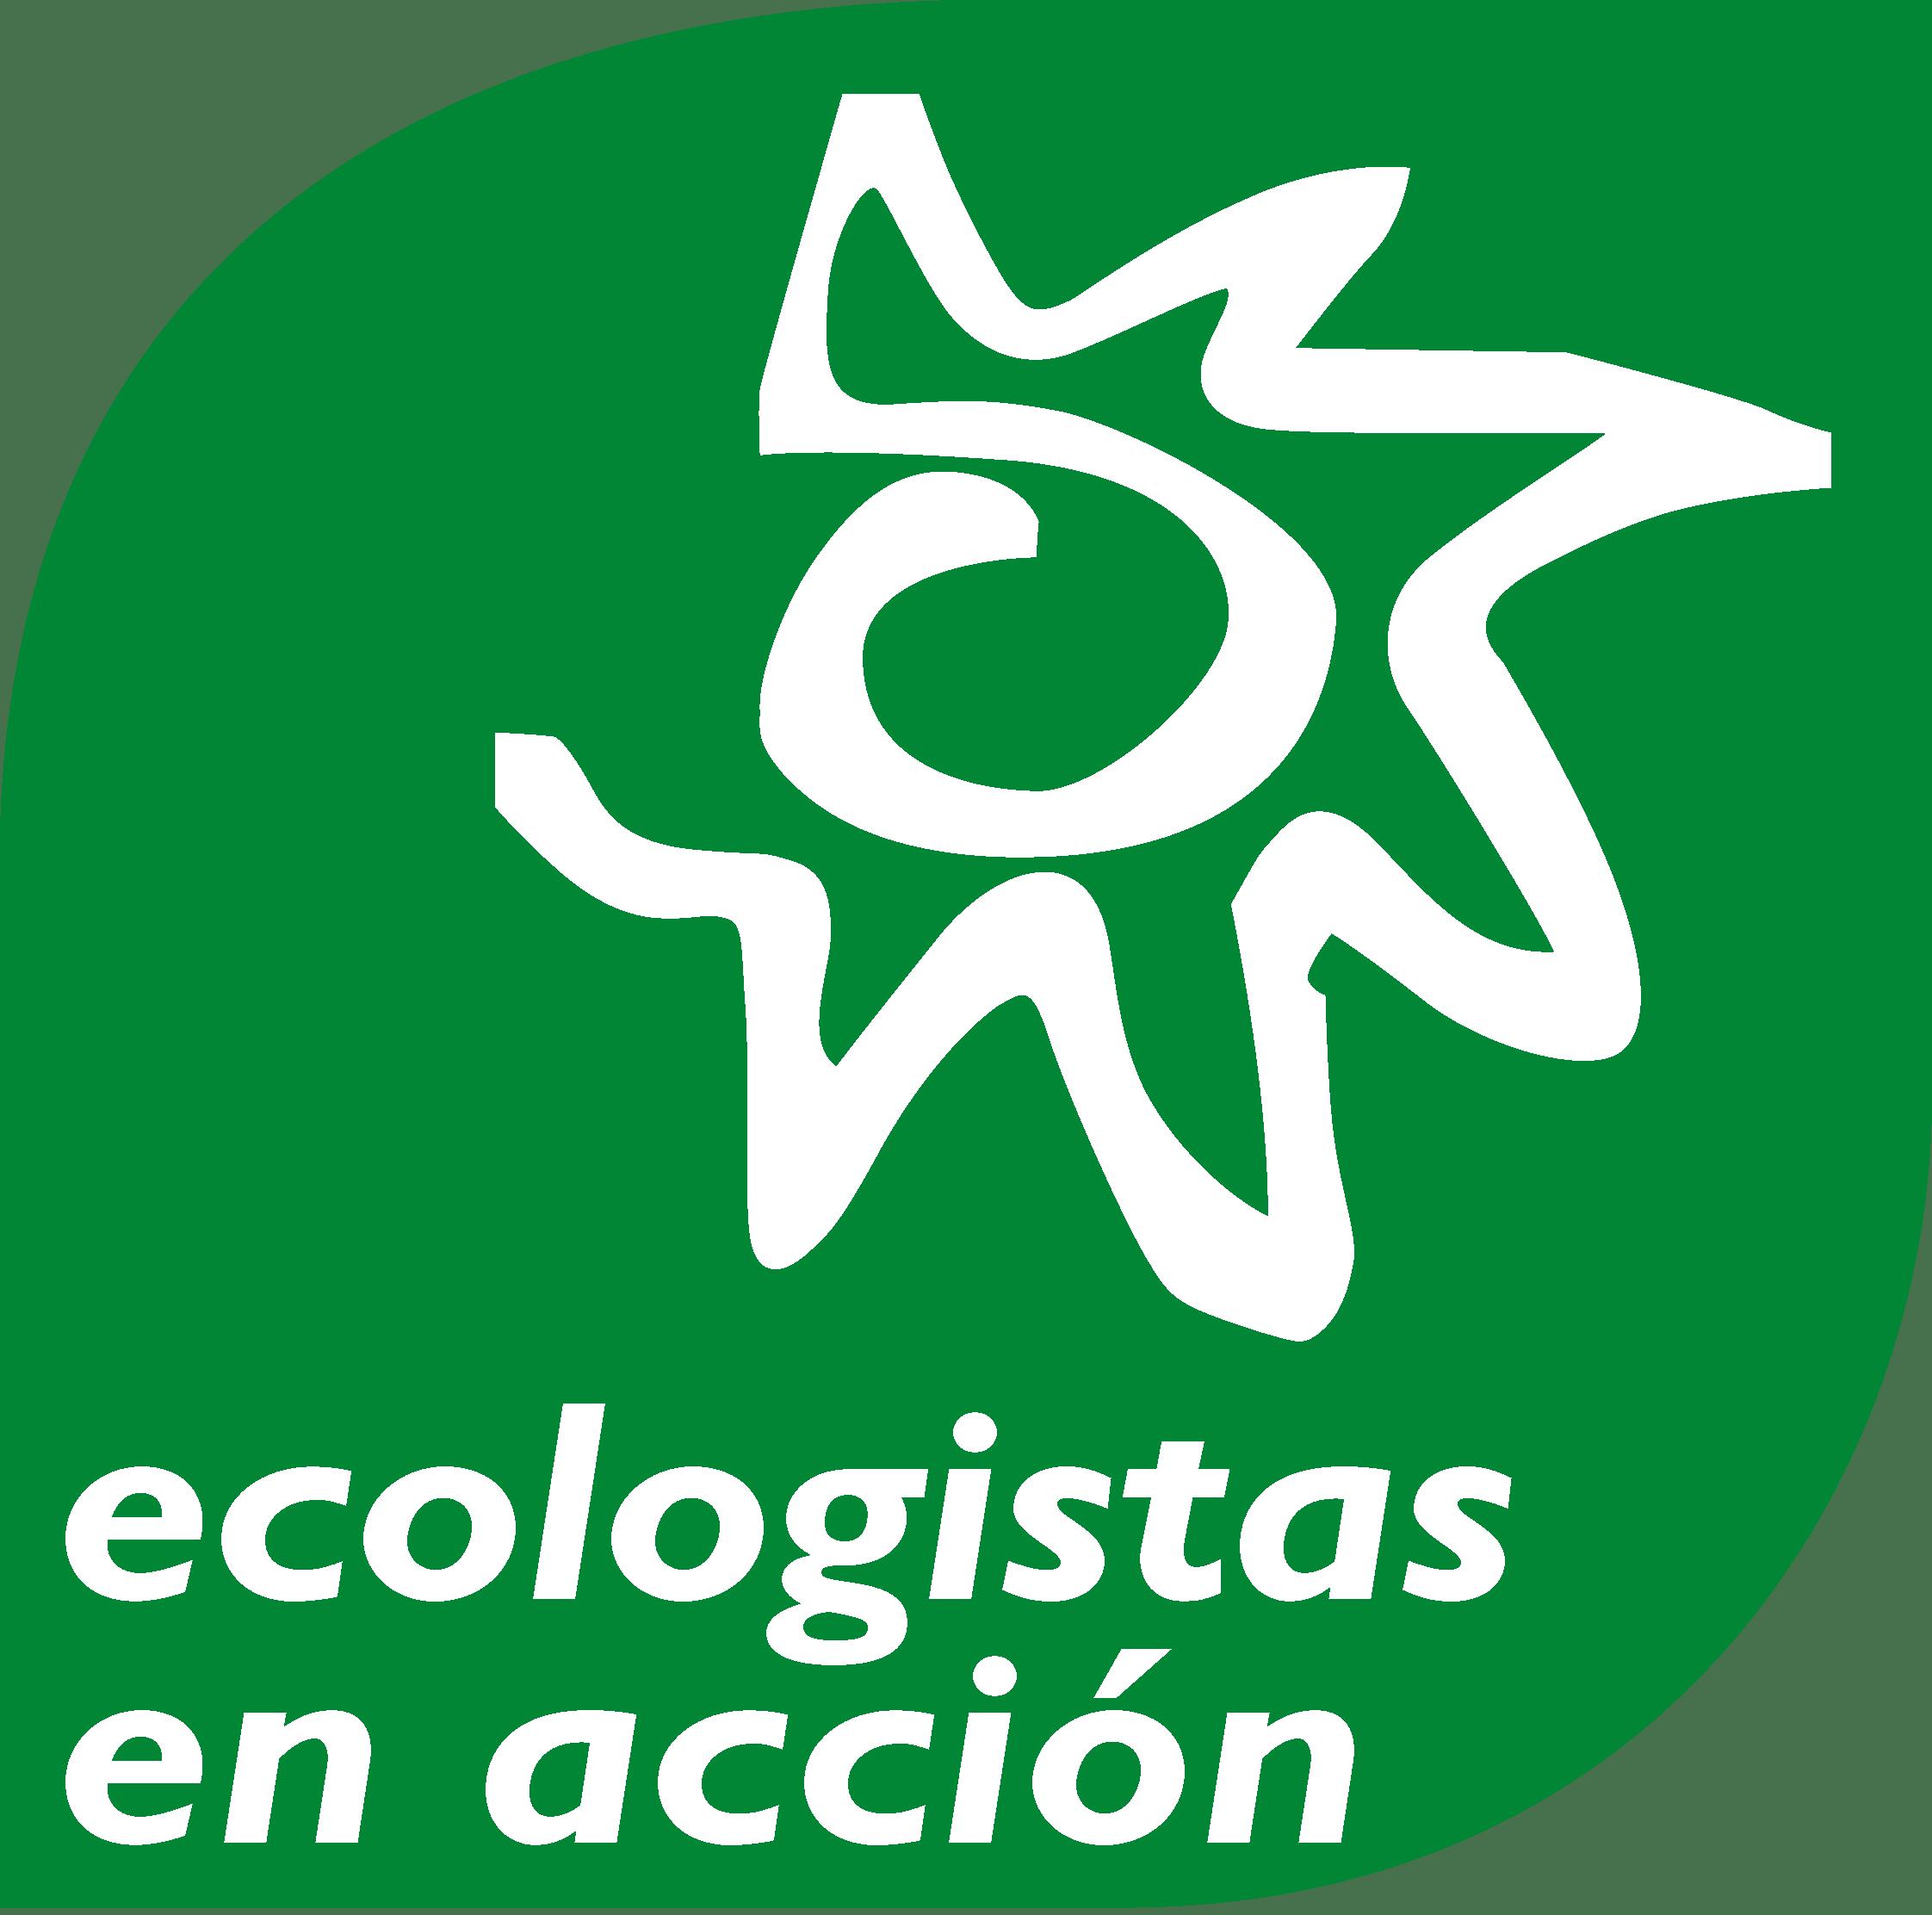 ECOLOGISTAS EN ACCION - Nacional - LOGO